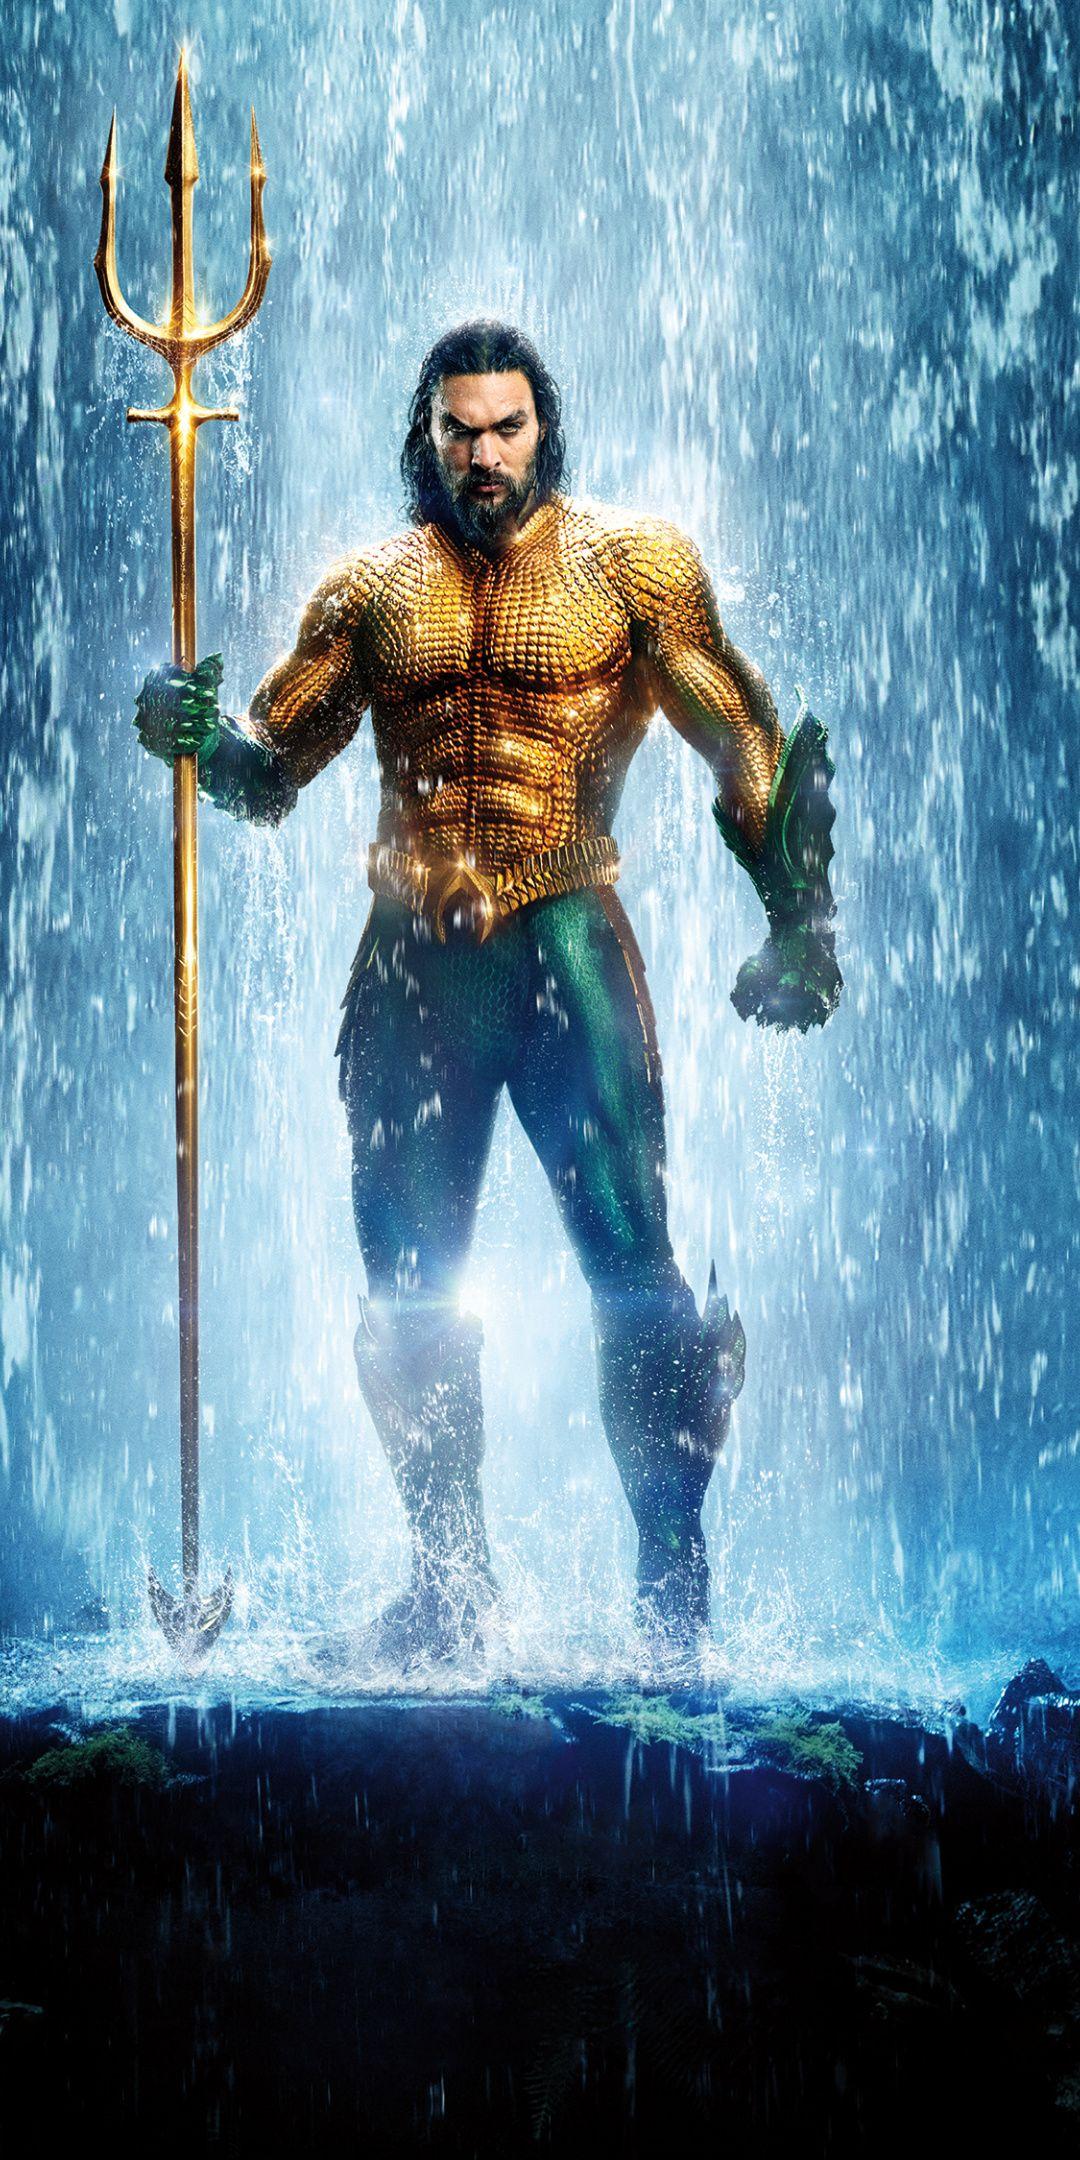 Aquaman Jason Momoa Poster 2018 1080x2160 Wallpaper Aquaman Aquaman Movie 2018 Jason Momoa Aquaman